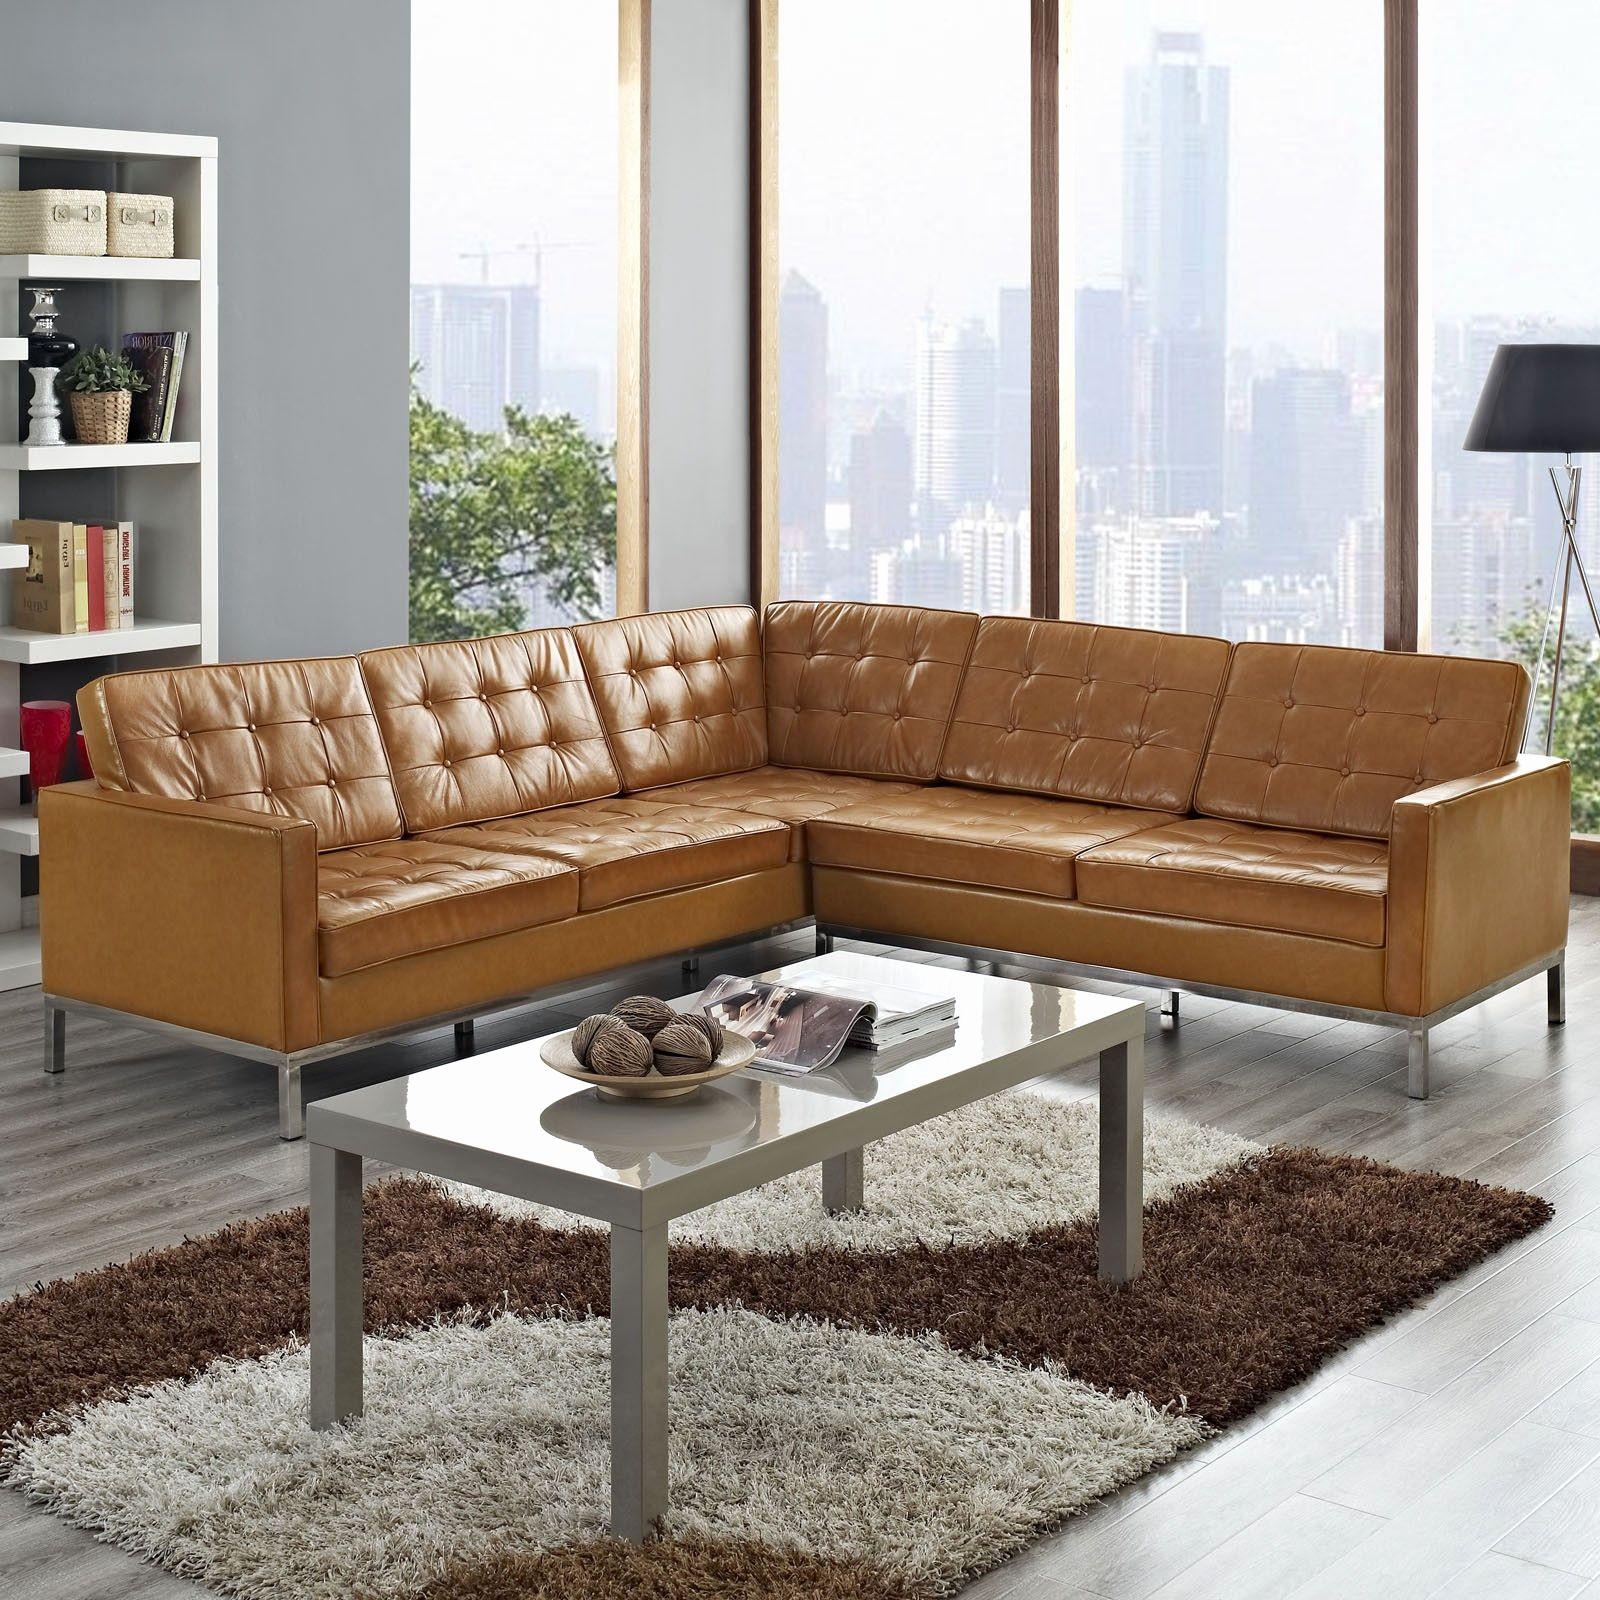 Elegant Apartment Leather Sofa Pics Apartment Leather Sofa Luxury